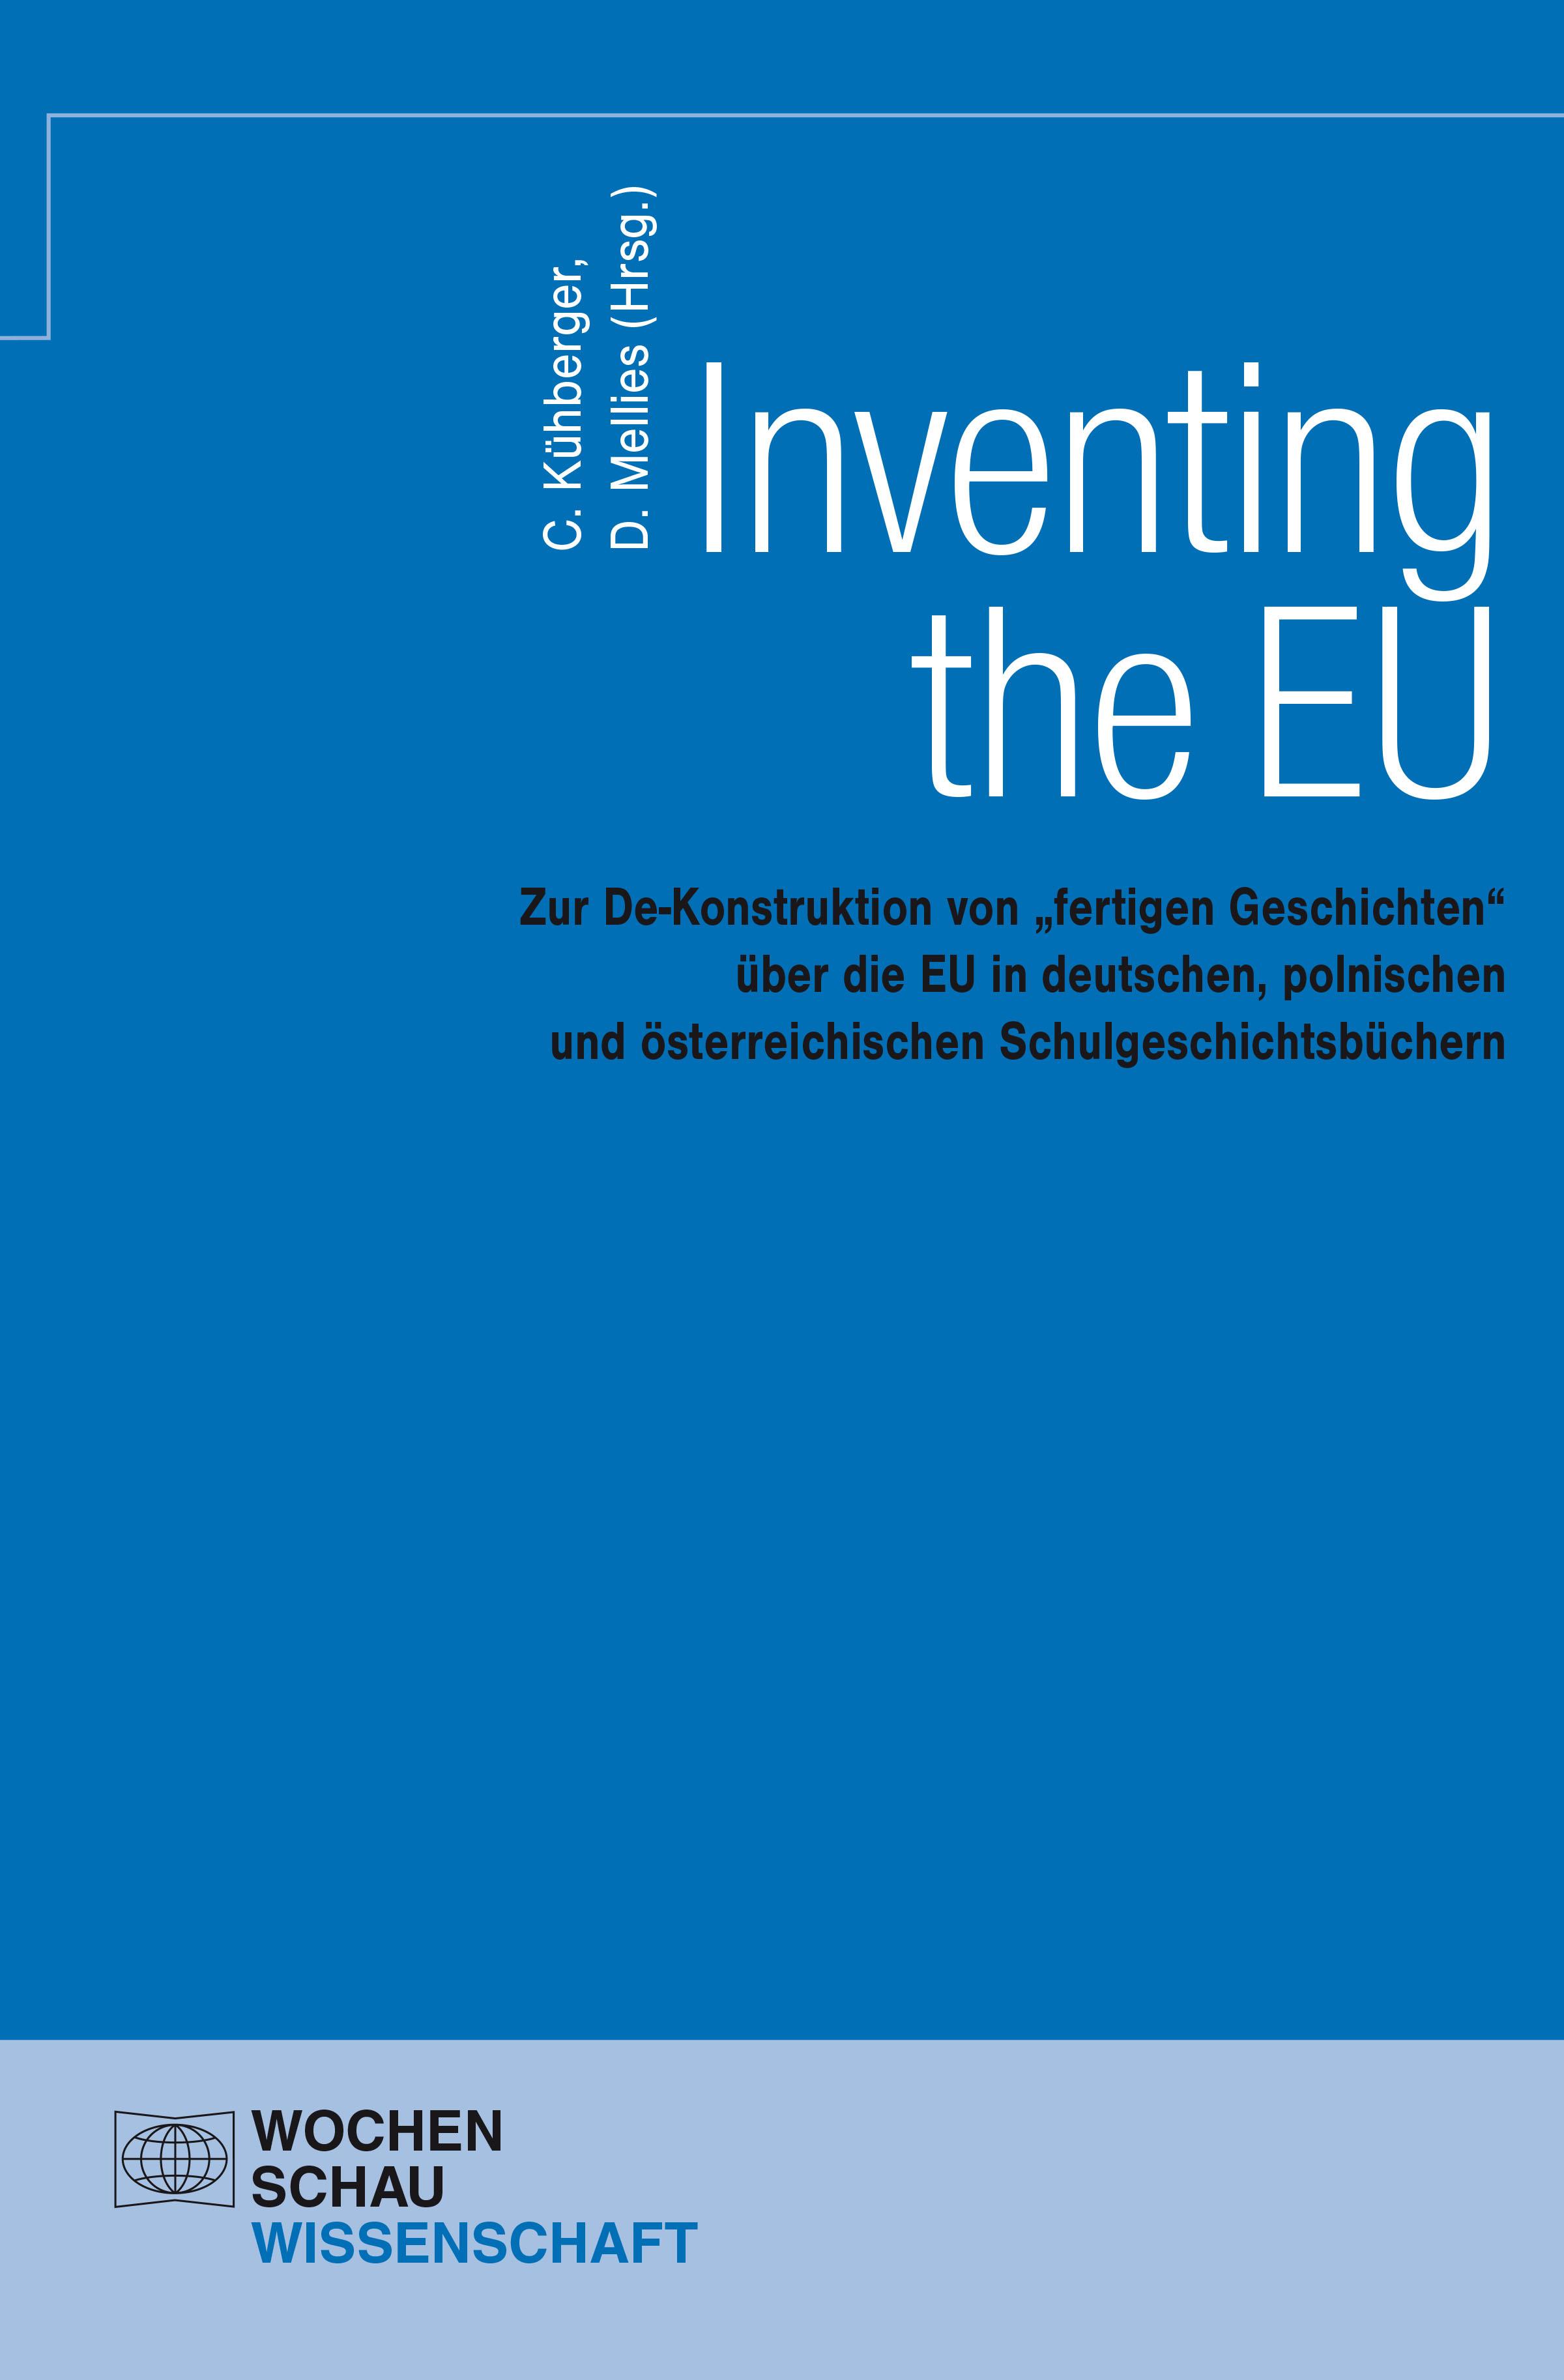 """Inventing the EU - Zur De-Konstruktion von """"fertigen Geschichten"""" über die EU in deutschen, polnischen und österreichischen Schulgeschichtsbüchern"""